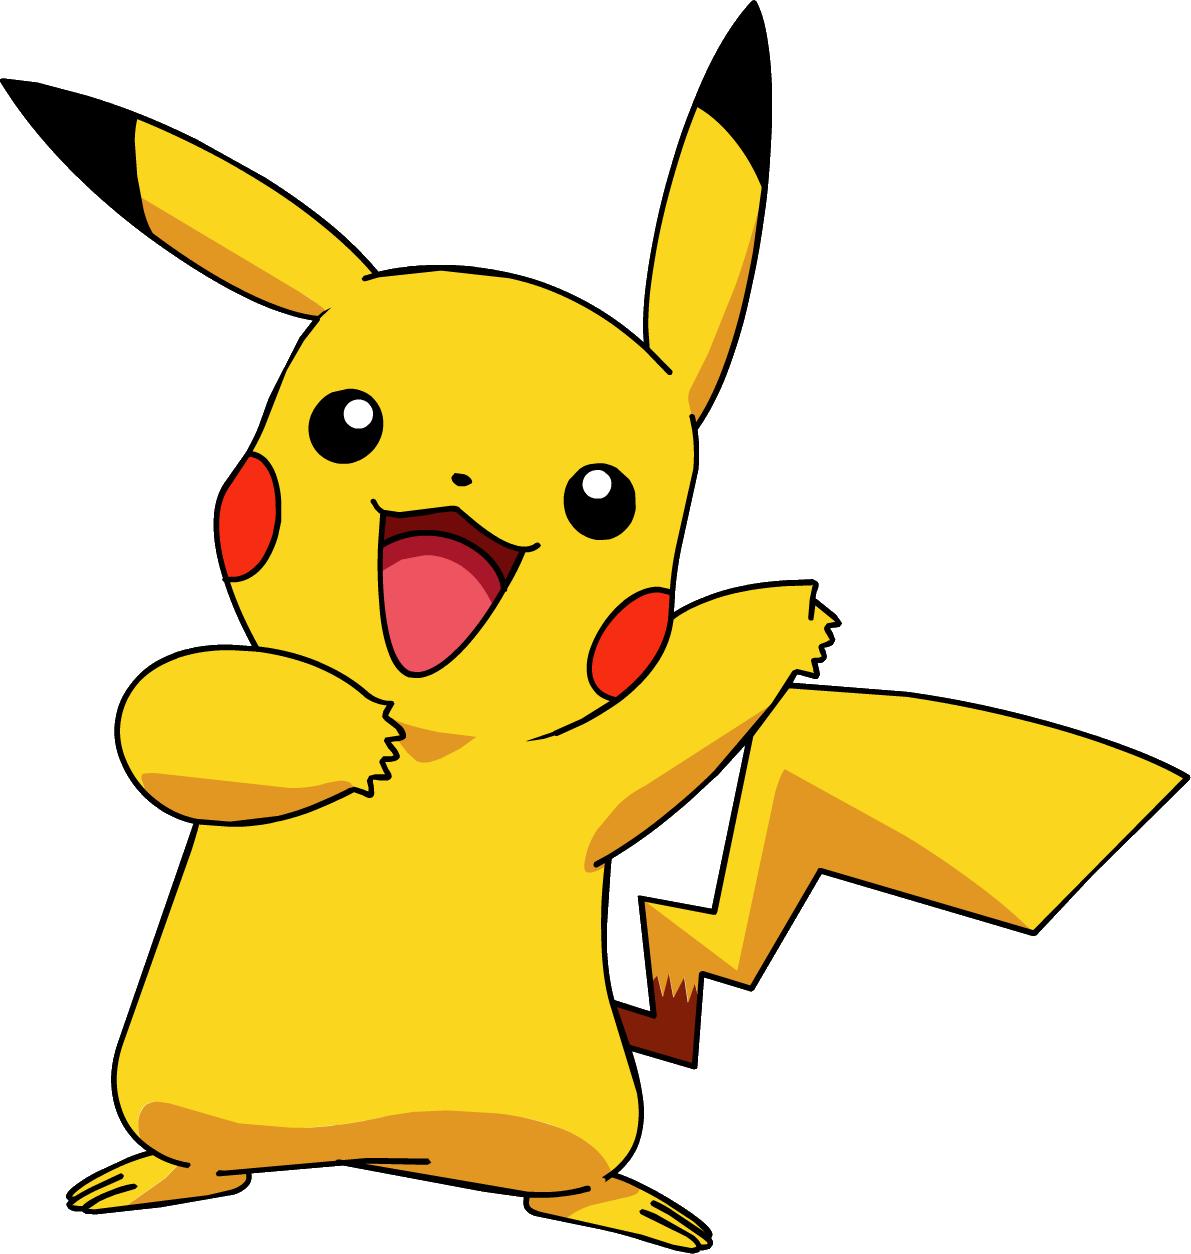 Image - 025Pikachu OS anime 4.png | Pokémon Wiki | FANDOM powered by Wikia - Pokemon PNG